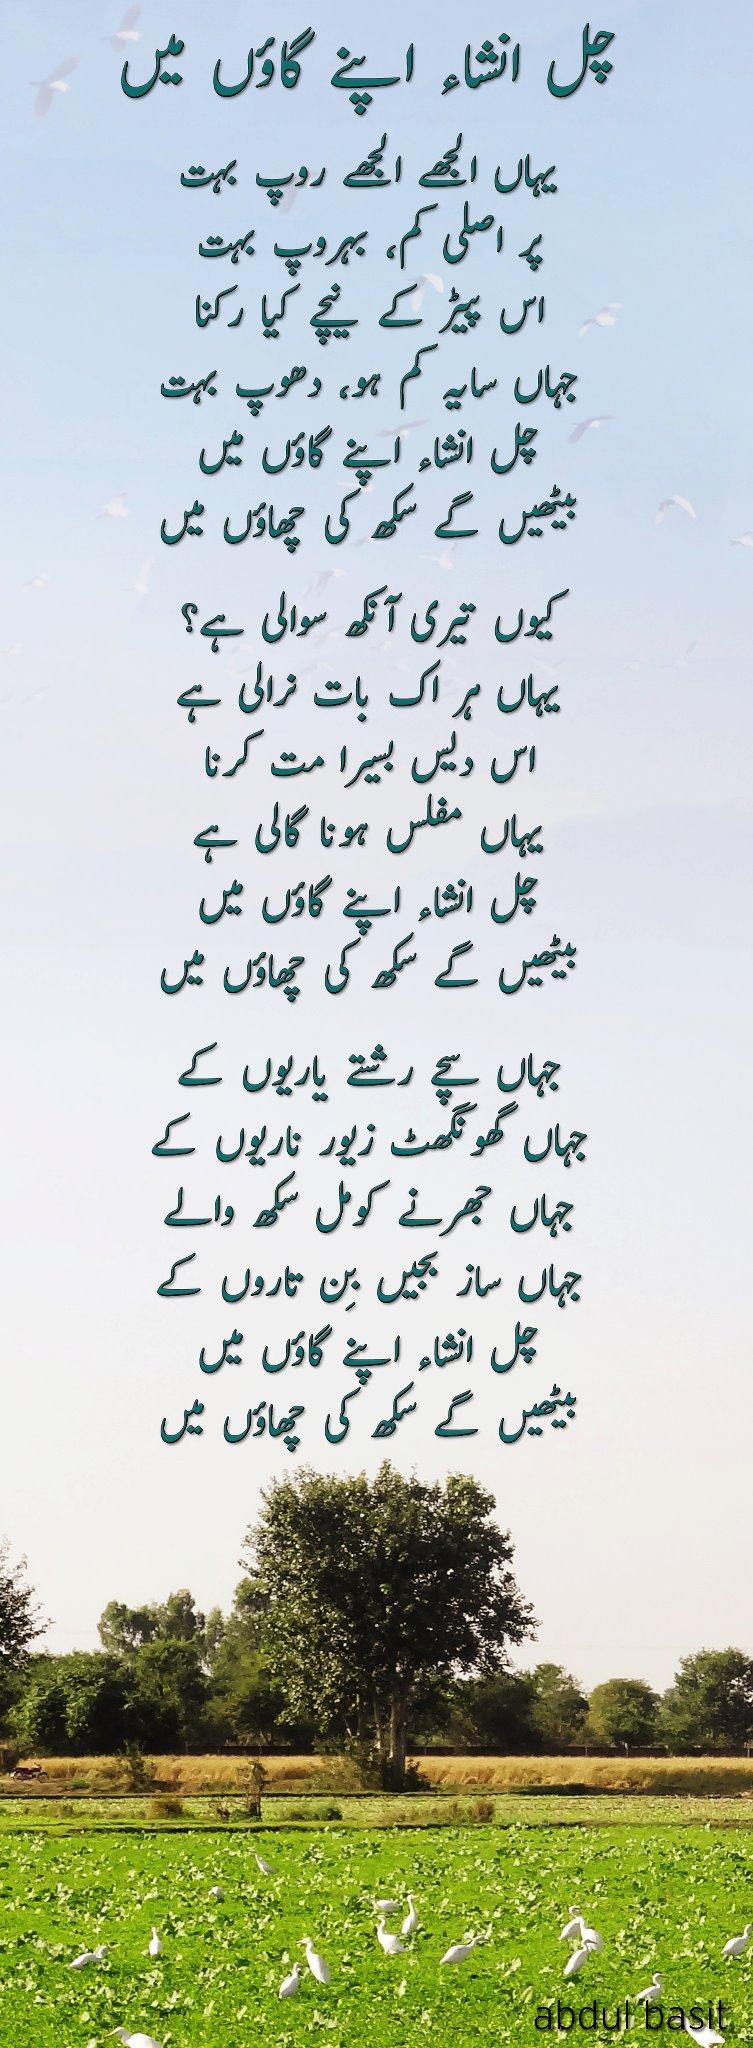 Poets   Urdu Poetry / Shayari   صفحہ 3